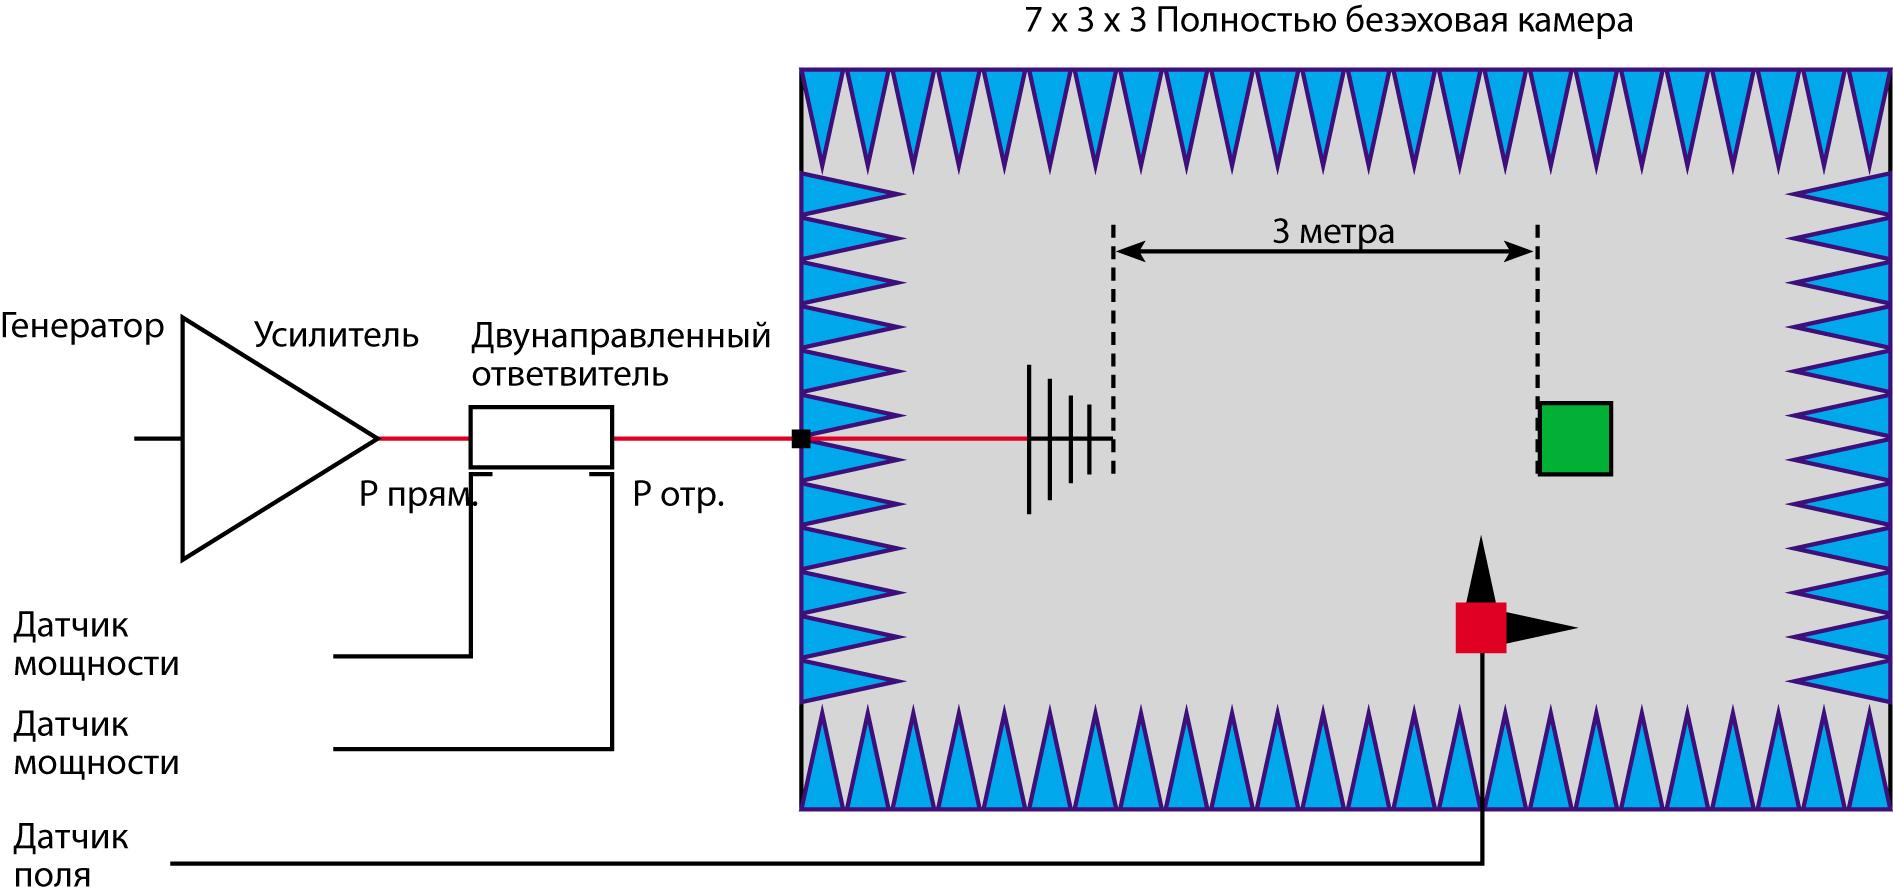 Пример традиционной системы для измерения устойчивости, измерительная система снаружи